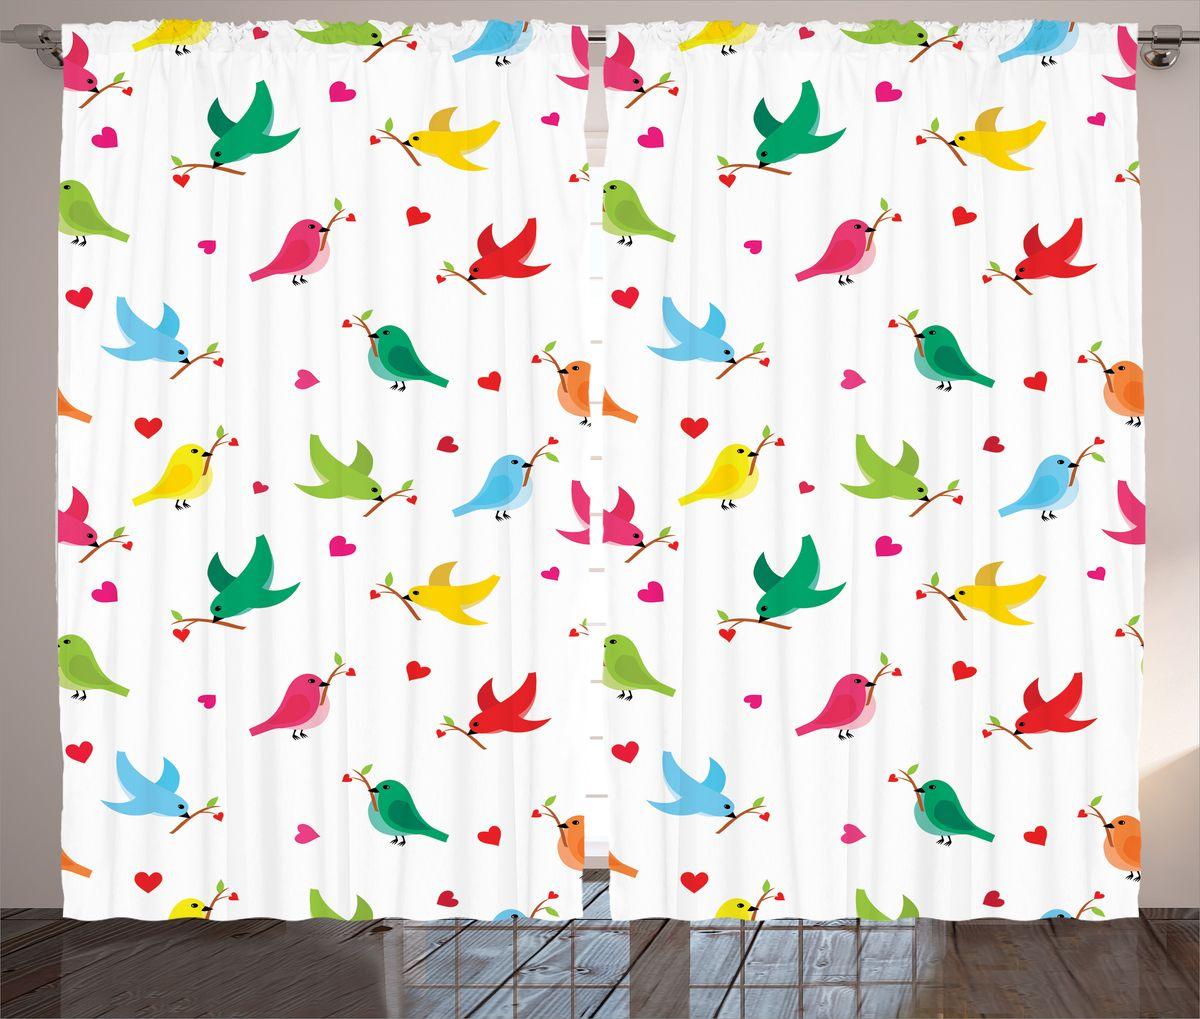 Комплект фотоштор Magic Lady Разноцветные птички, на ленте, высота 265 см. шсг_14285шсг_14285Компания Сэмболь изготавливает шторы из высококачественного сатена (полиэстер 100%). При изготовлении используются специальные гипоаллергенные чернила для прямой печати по ткани, безопасные для человека и животных. Экологичность продукции Magic lady и безопасность для окружающей среды подтверждены сертификатом Oeko-Tex Standard 100. Крепление: крючки для крепления на шторной ленте (50 шт). Возможно крепление на трубу. Внимание! При нанесении сублимационной печати на ткань технологическим методом при температуре 240°С, возможно отклонение полученных размеров (указанных на этикетке и сайте) от стандартных на + - 3-5 см. Производитель старается максимально точно передать цвета изделия на фотографиях, однако искажения неизбежны и фактический цвет изделия может отличаться от воспринимаемого по фото. Обратите внимание! Шторы изготовлены из полиэстра сатенового переплетения, а не из сатина (хлопок). Размер одного полотна шторы: 145х265 см. В комплекте 2 полотна шторы и 50 крючков.